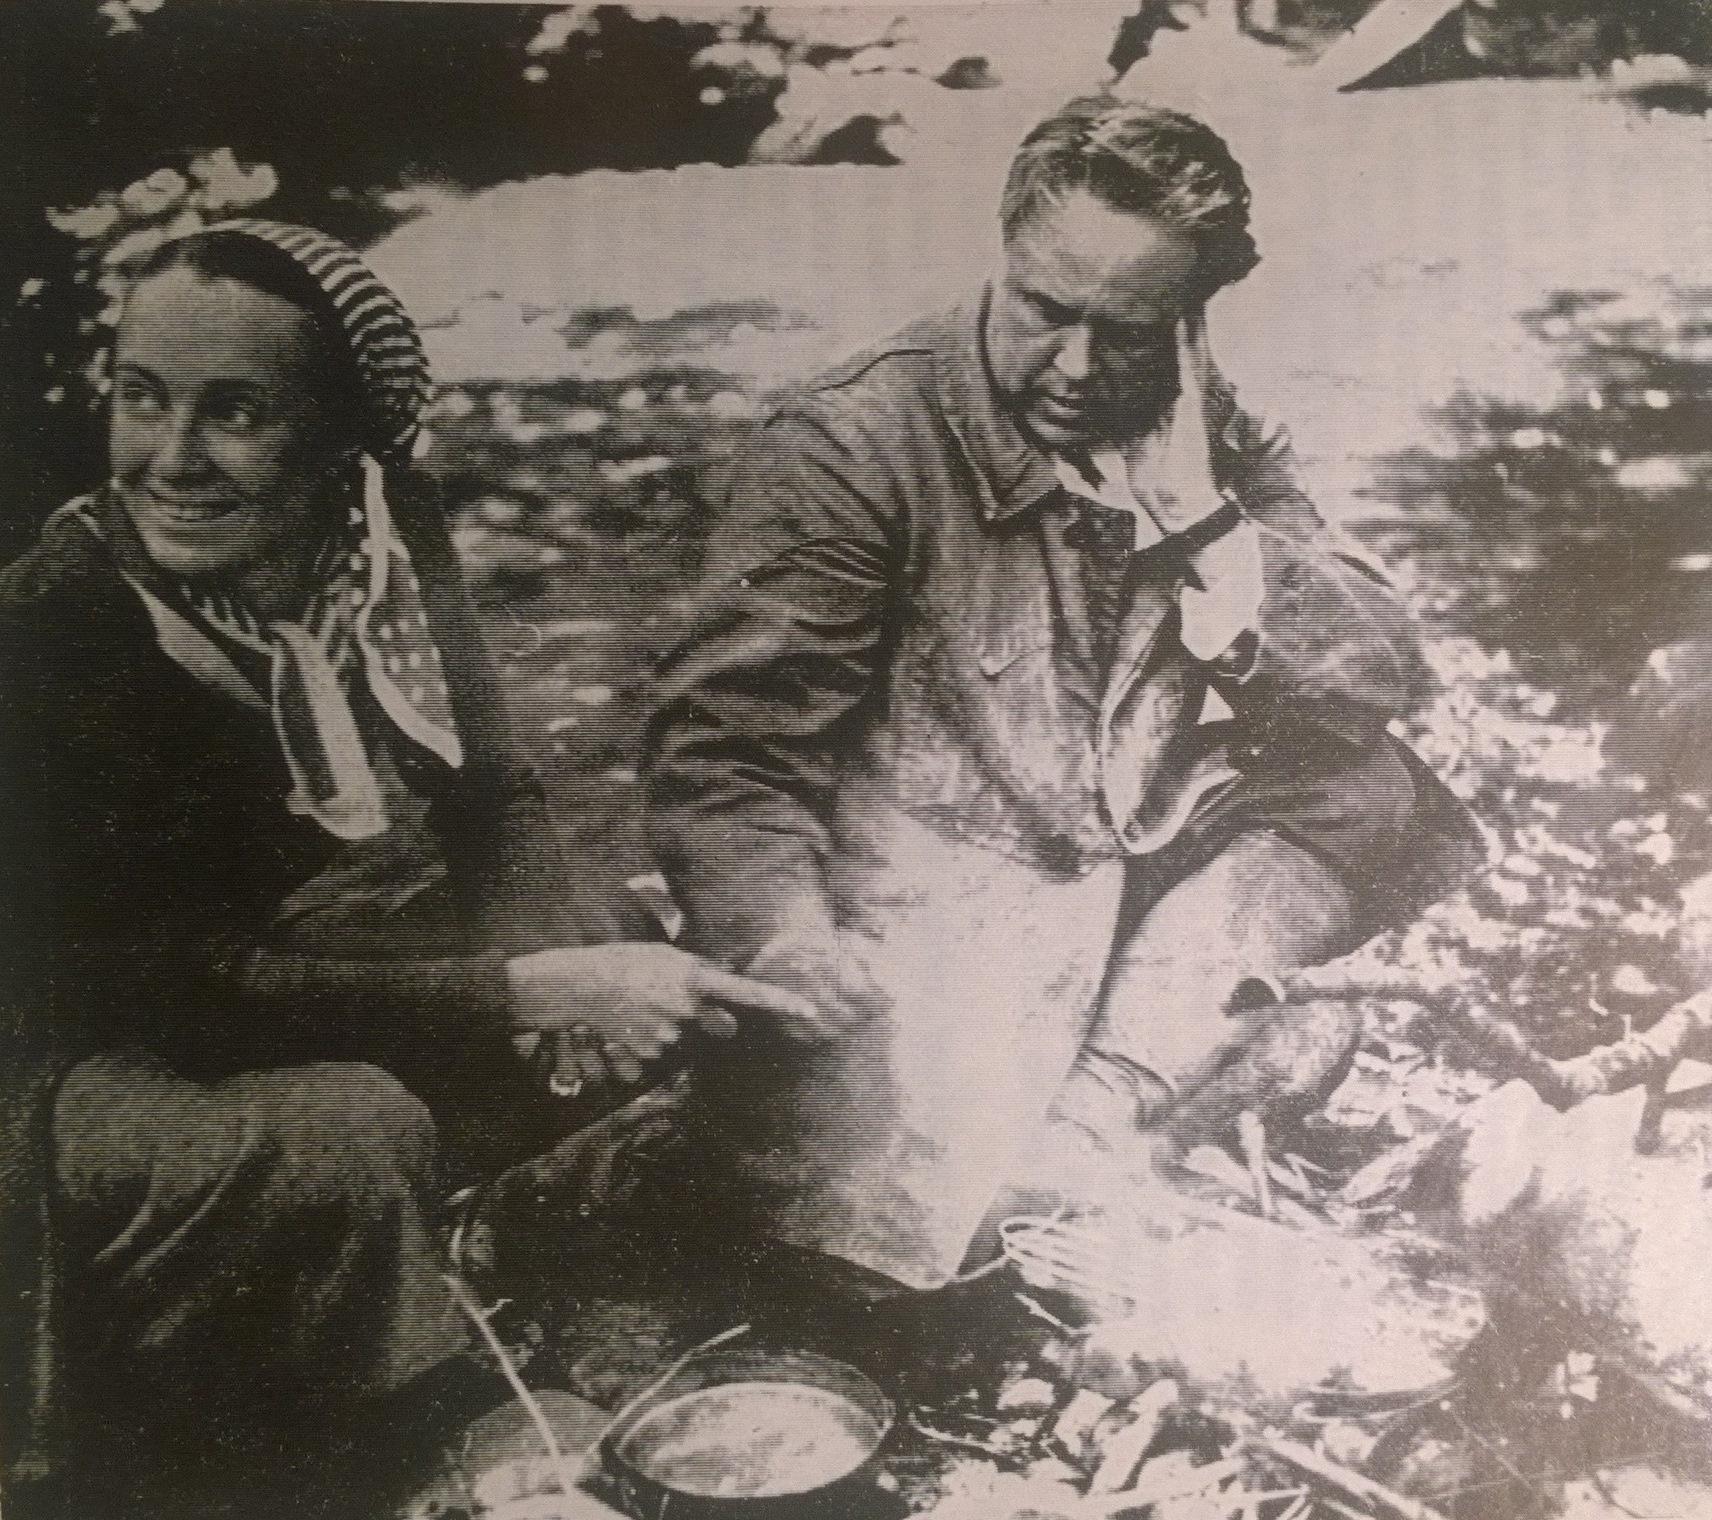 Редкие часы отдыха. Молодожены Поль Вайян-Кутюрье и Мари-Клод. 1936 год